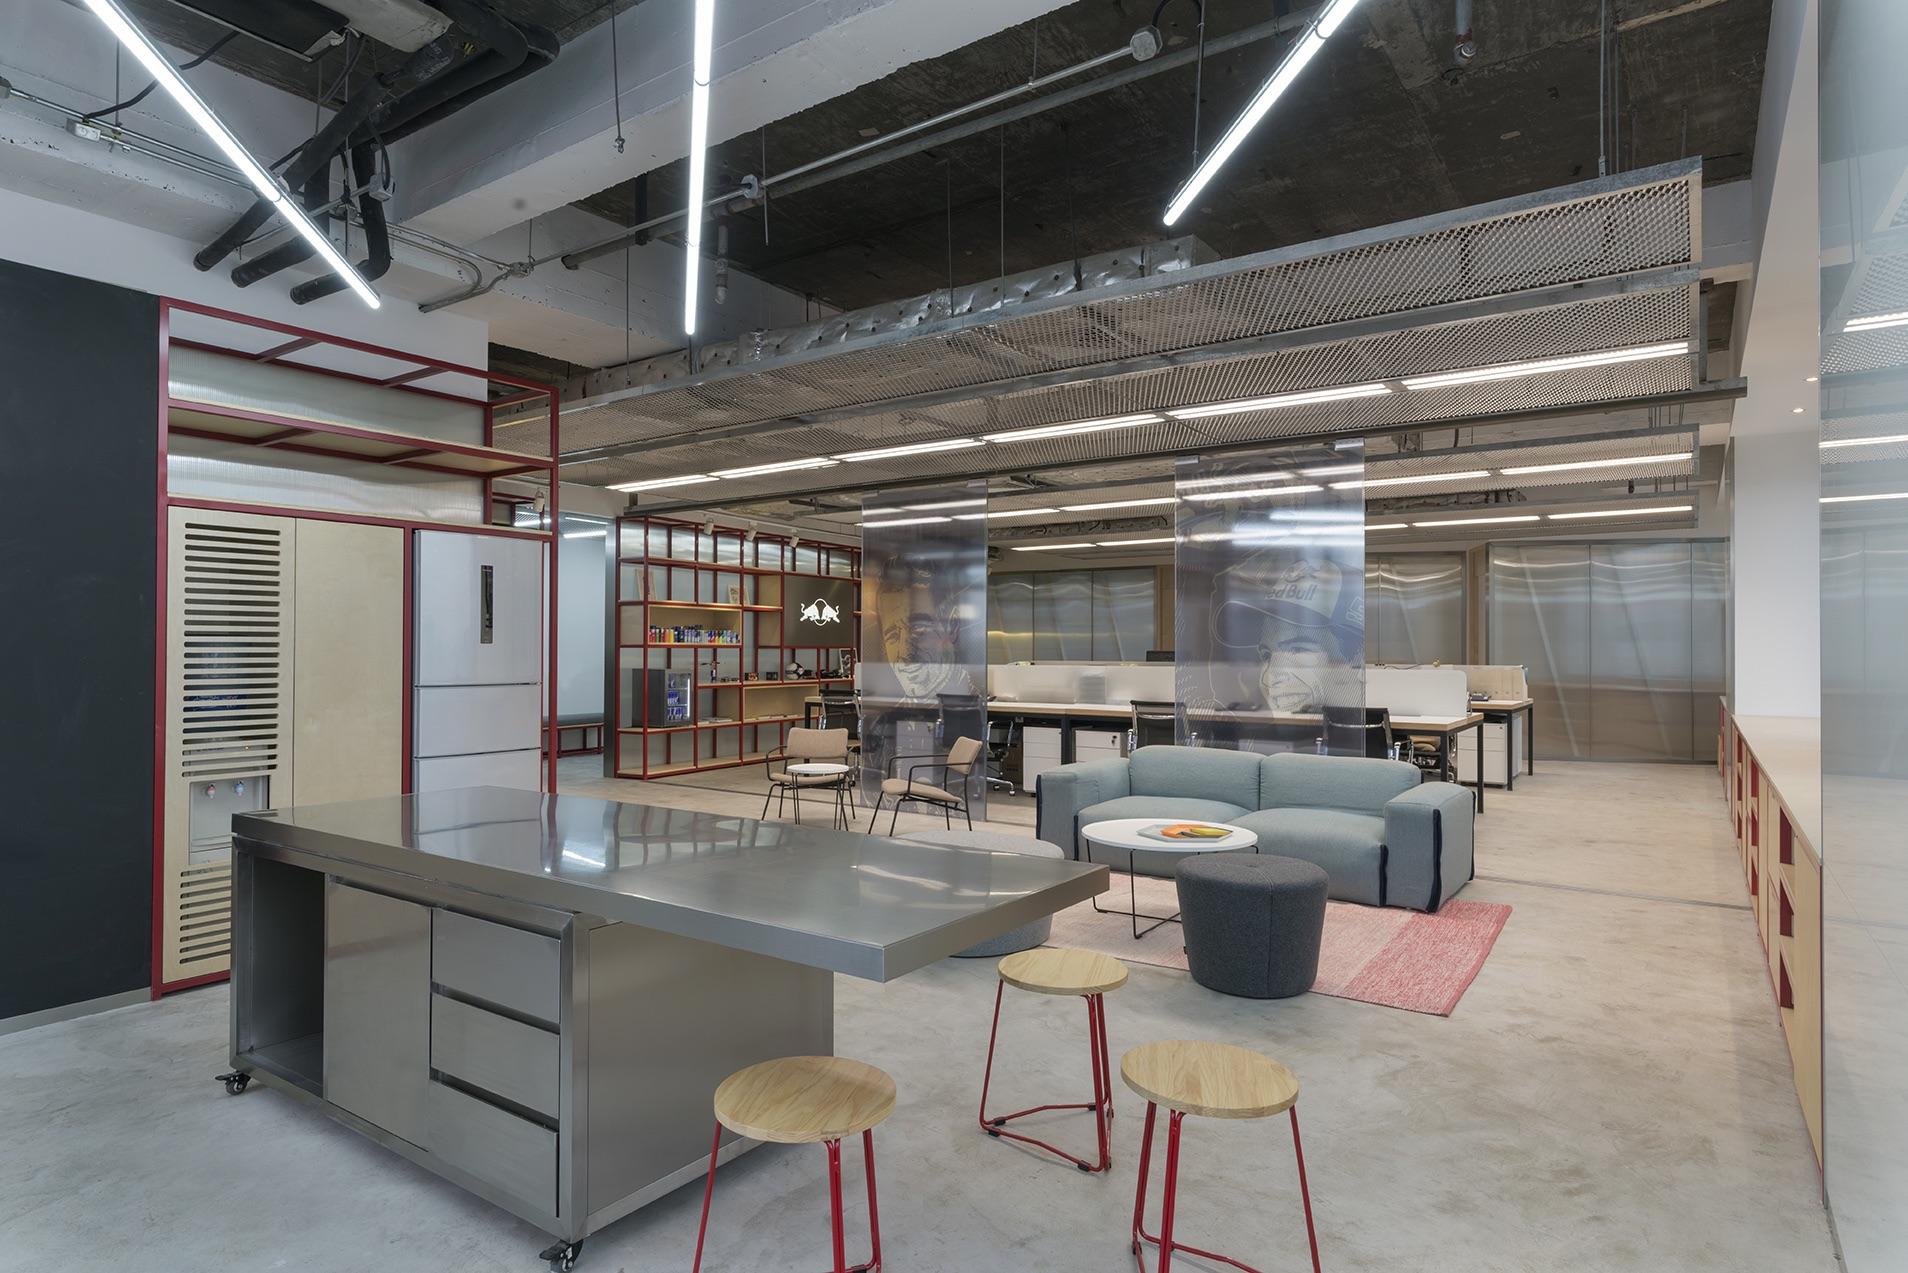 redbull-shanghai-office-6